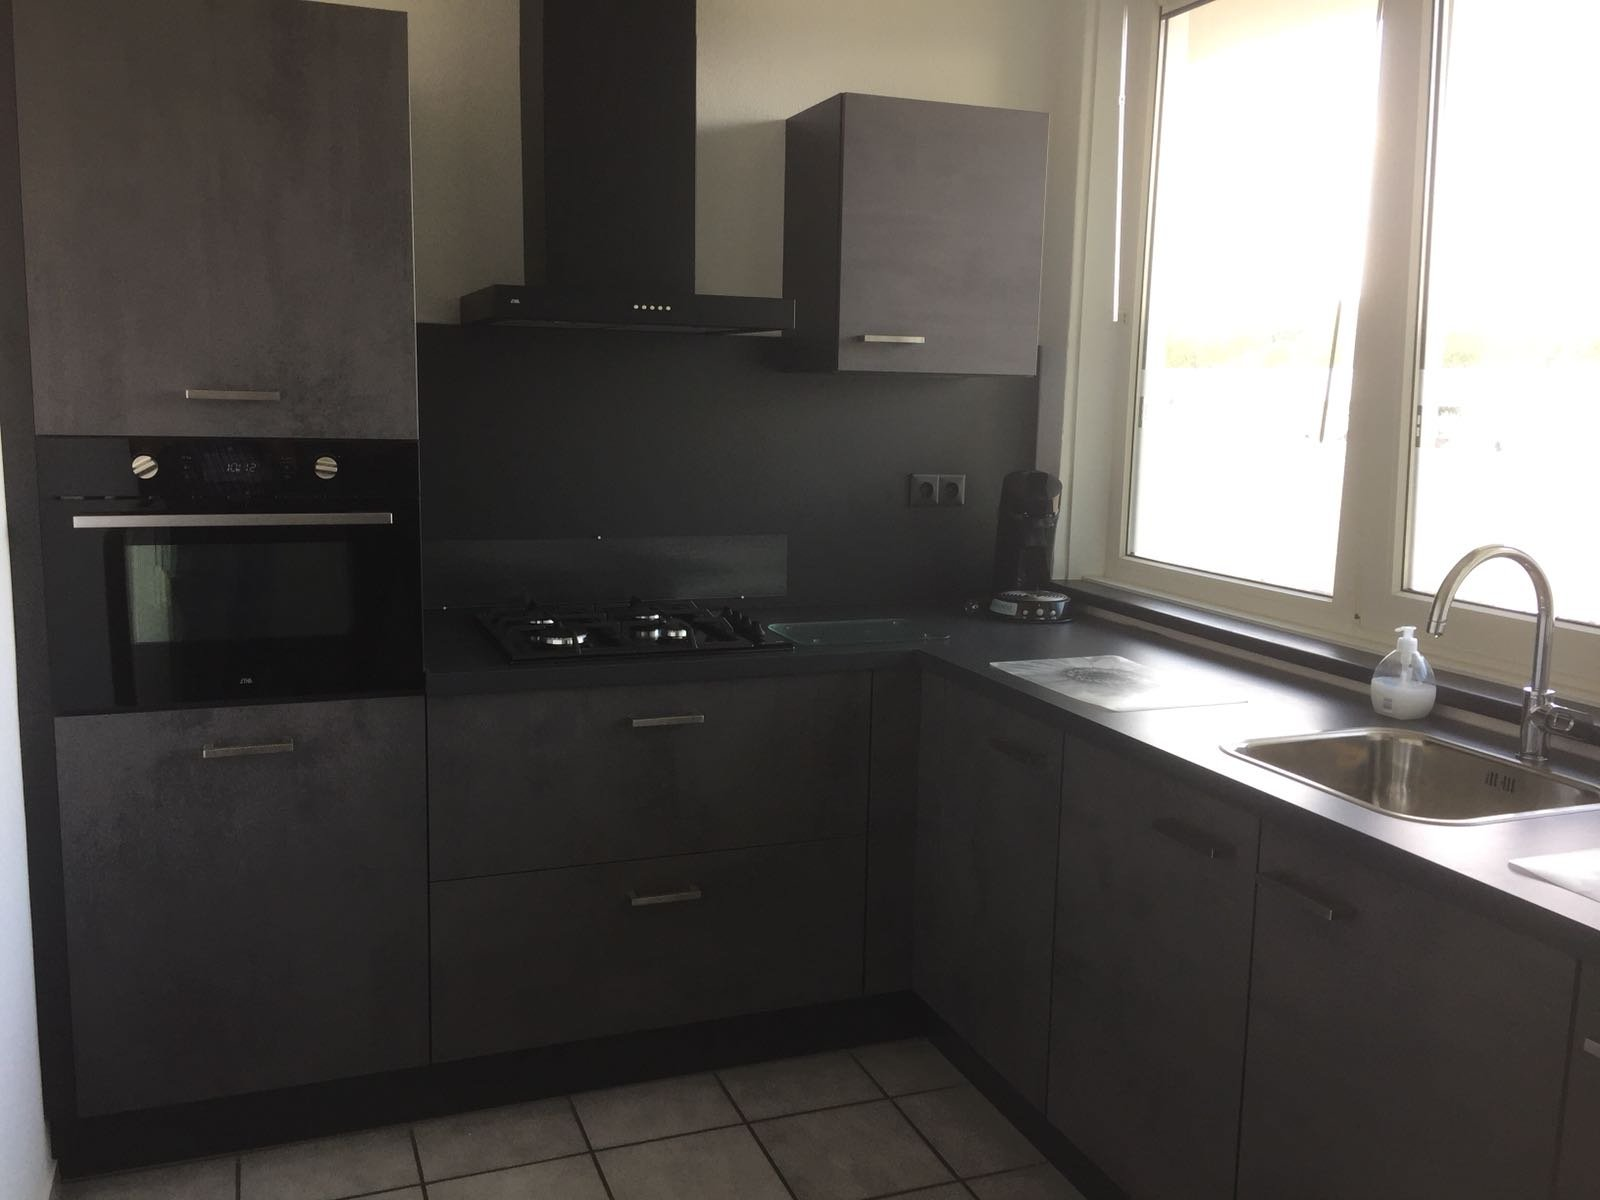 keuken gekocht bij I-Kook Sittard, Keukenmatch, keukenontwerp, postieve klantervaring, keukenopstelling, leisteen donkergrijs, betonlook